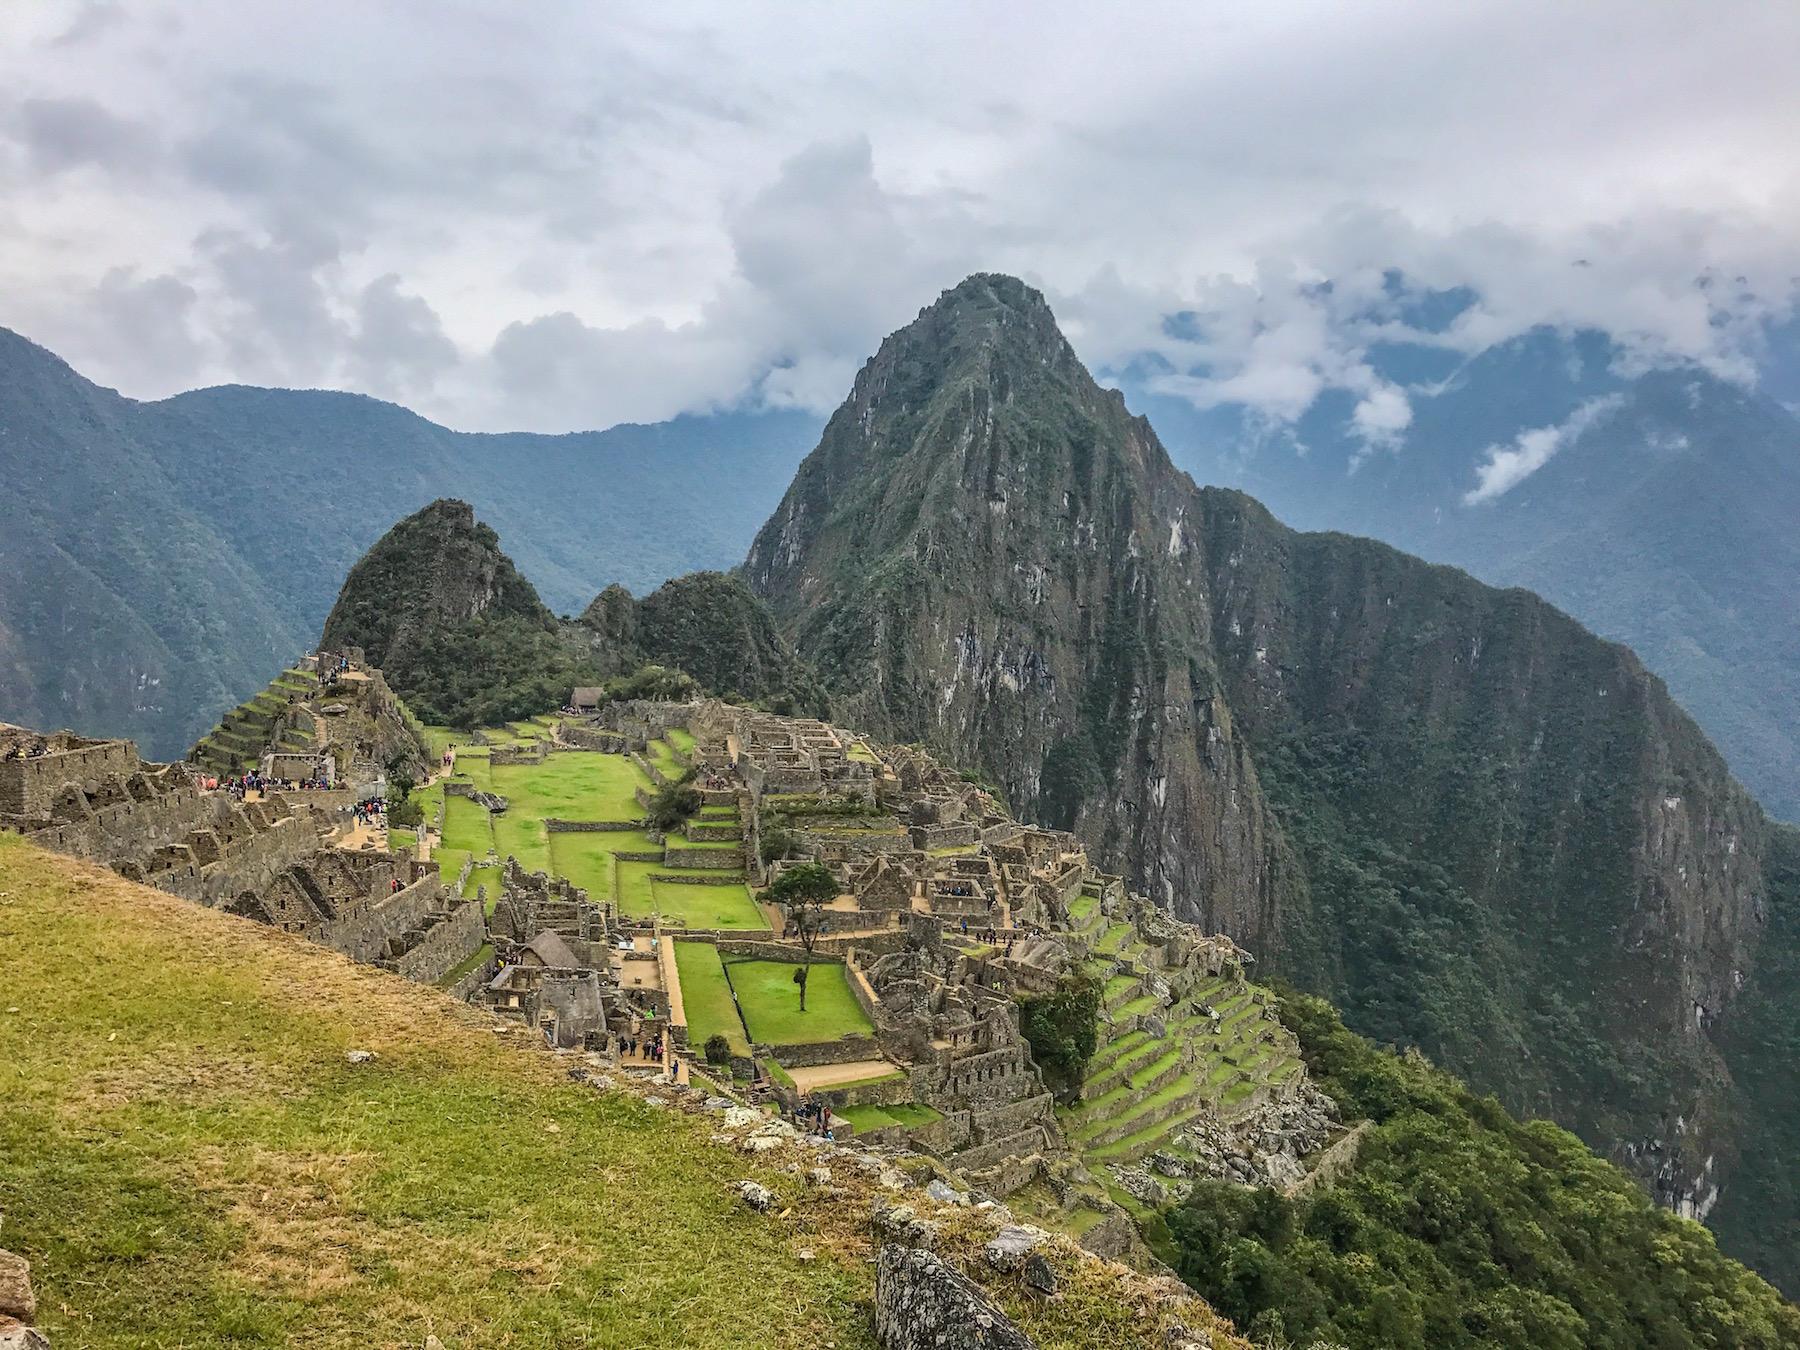 Classic shot of Machu Picchu